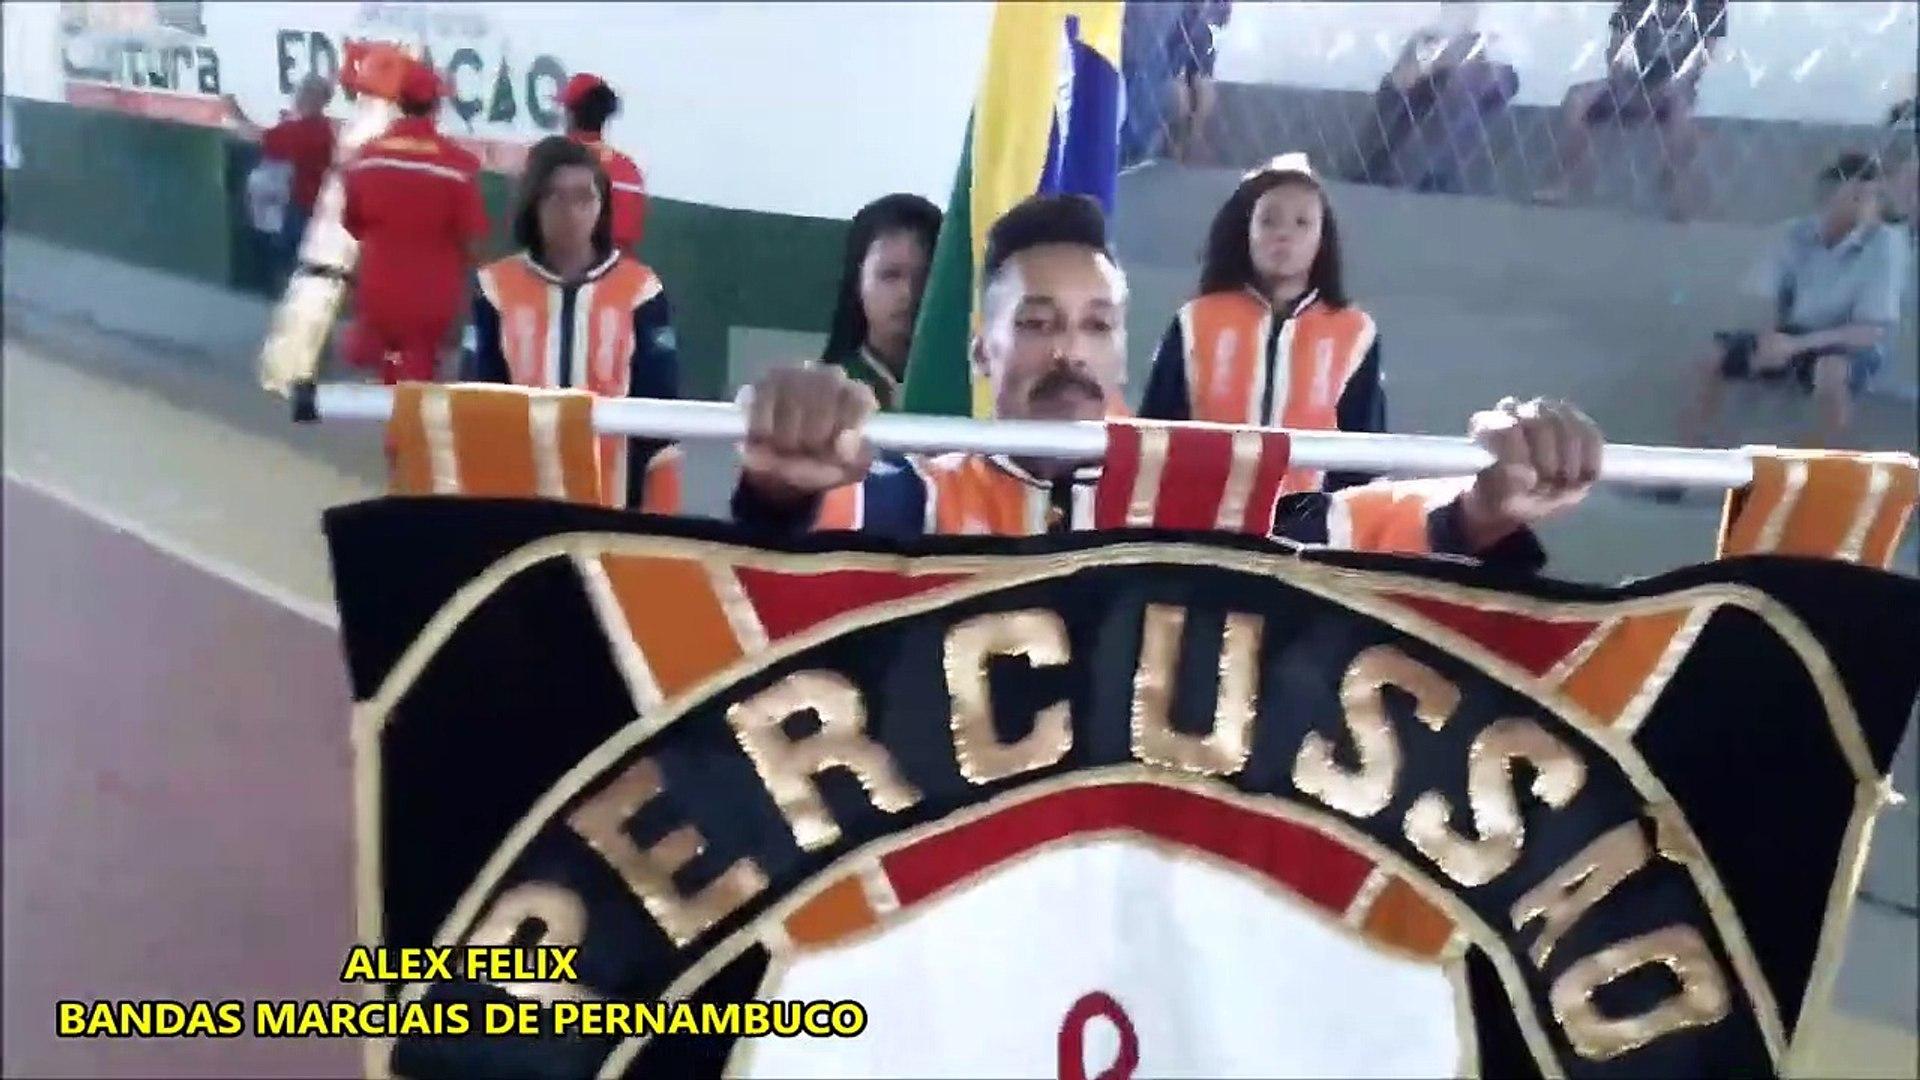 BANDA DE PERCUSSÃO TOME GIBSON 2018 - XI COPA NORDESTE NORTE DE BANDAS E FANFARRAS EM ALTINHO - PE